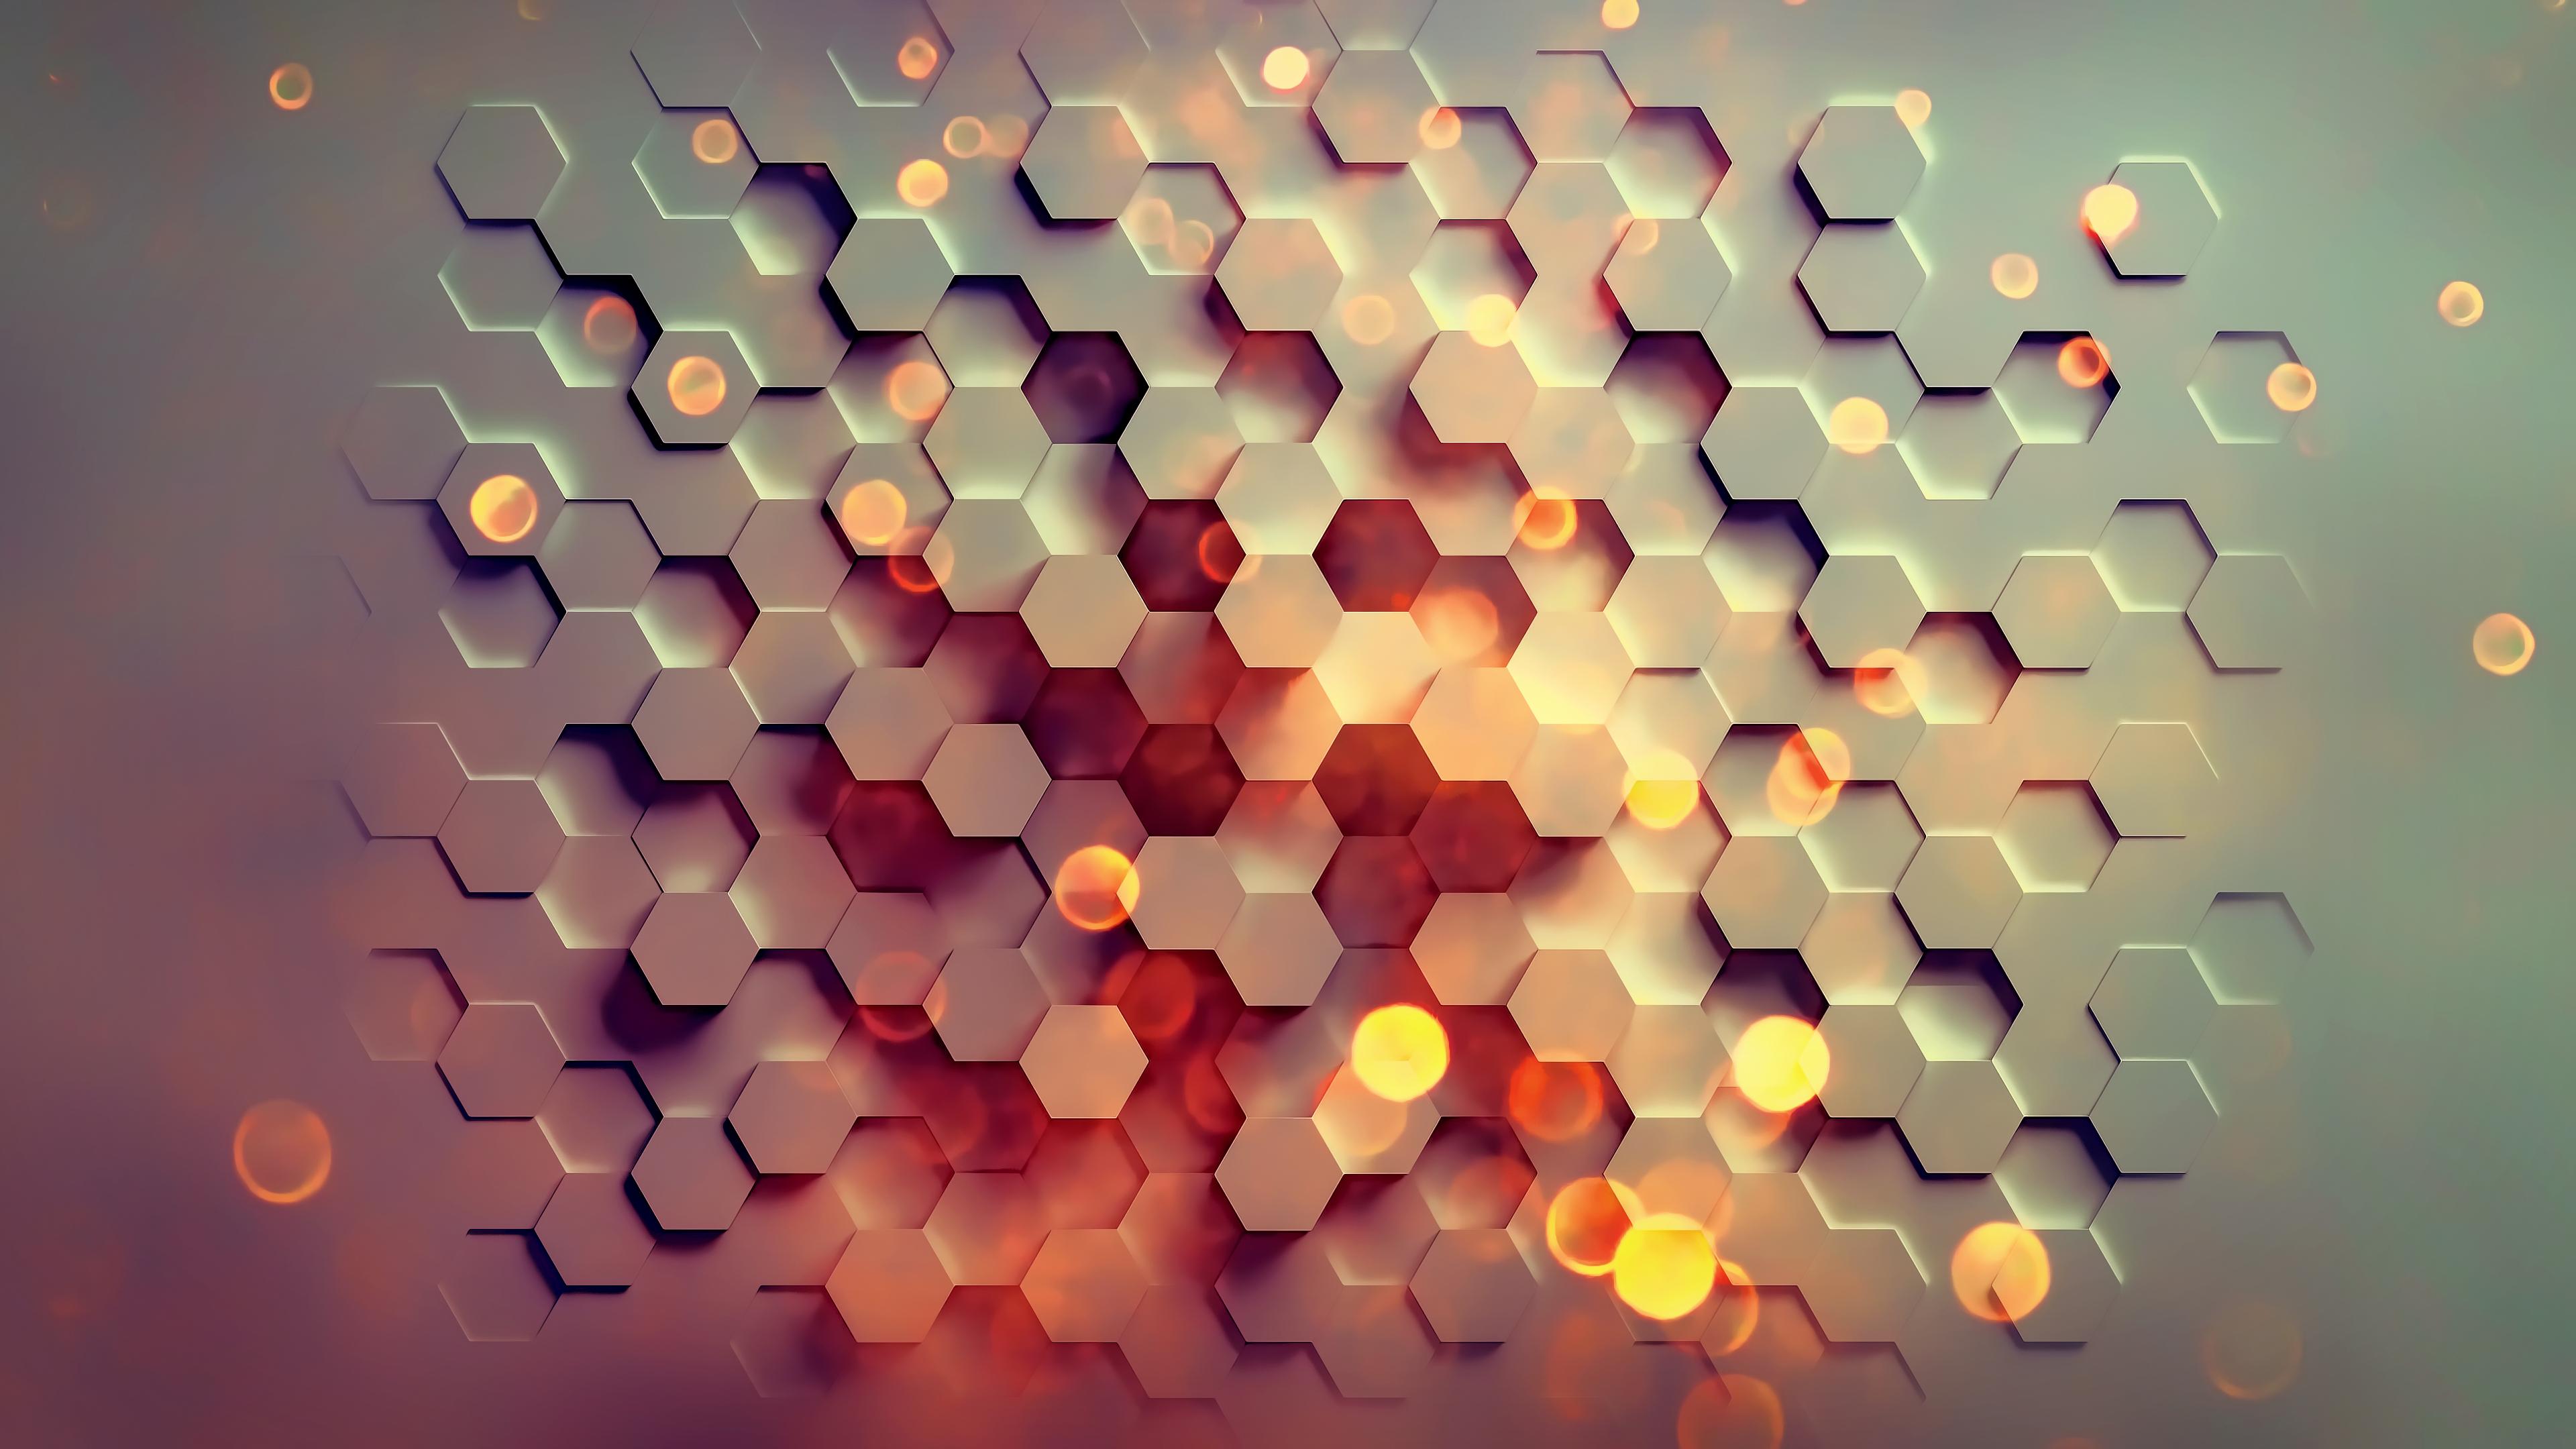 General 3840x2160 abstract hexagon digital art texture